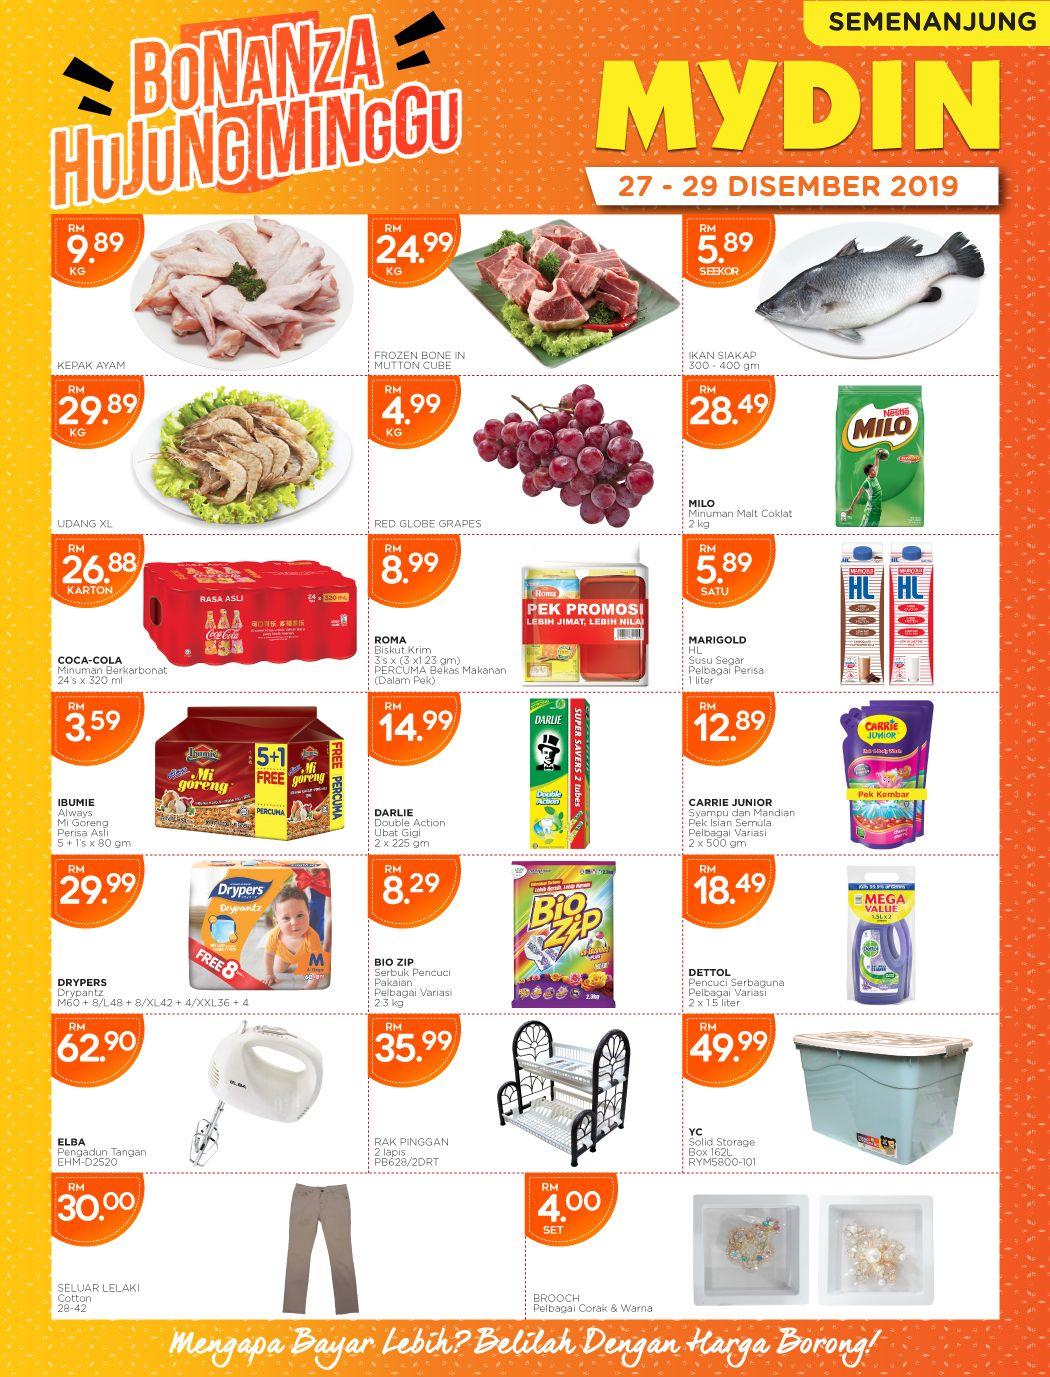 Mydin Weekend Promotion 27 Dec 2019 29 Dec 2019 December Promotion Food